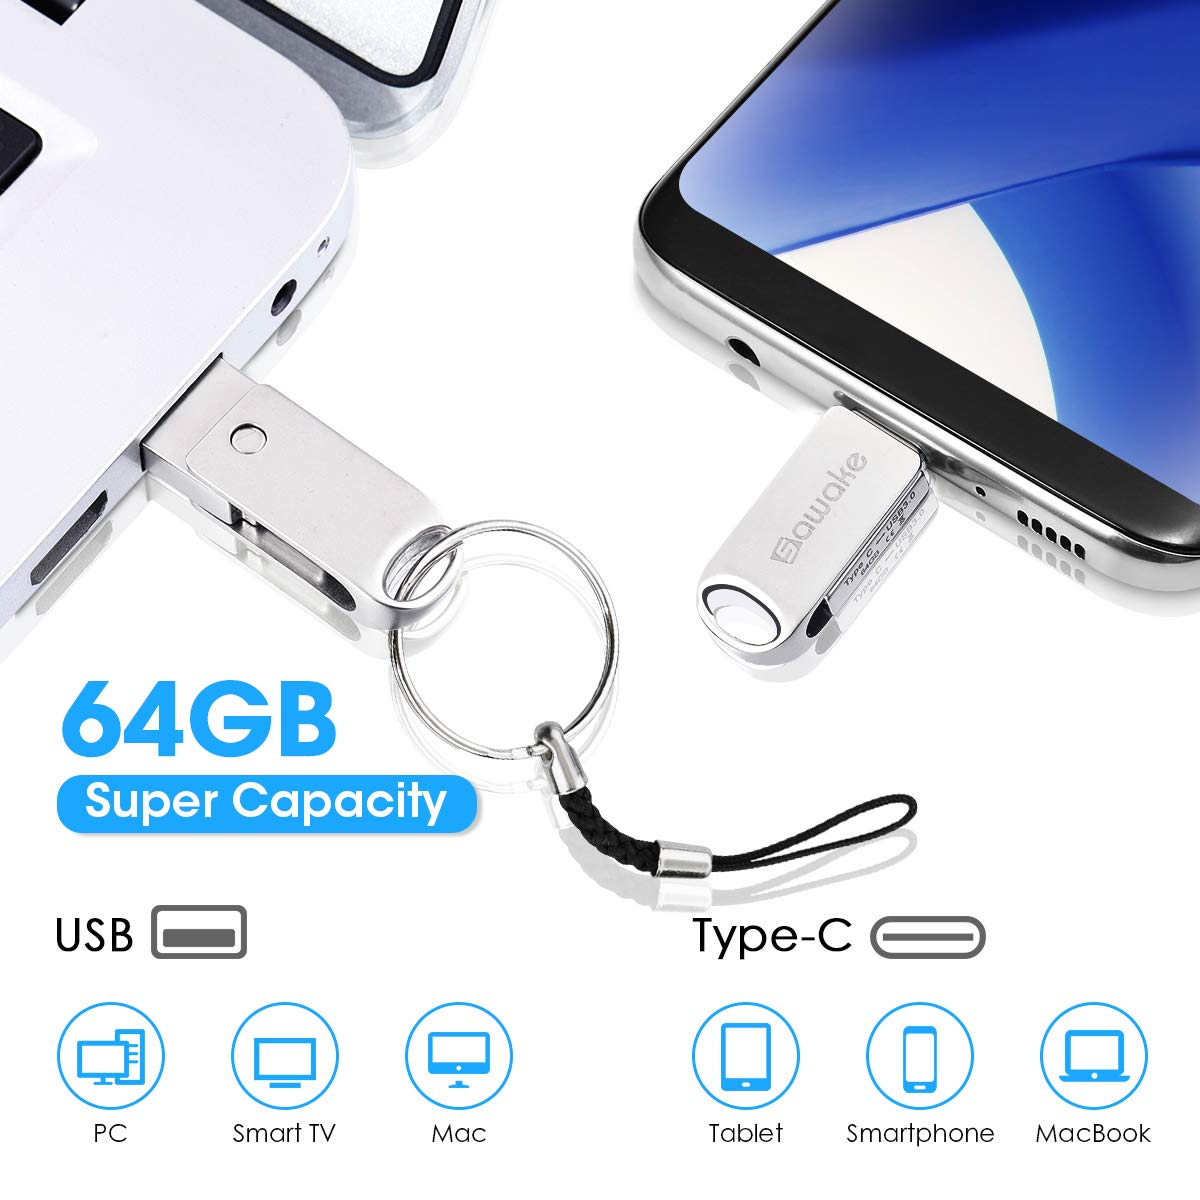 regalo per PC//Laptop//Notebook//Type-C cellulare//ufficio USB Flash Drive da 64 GB USB-A 3.0 e USB Type-C SAWAKE Flash Memory Stick metallo impermeabile Memory Stick con portachiavi